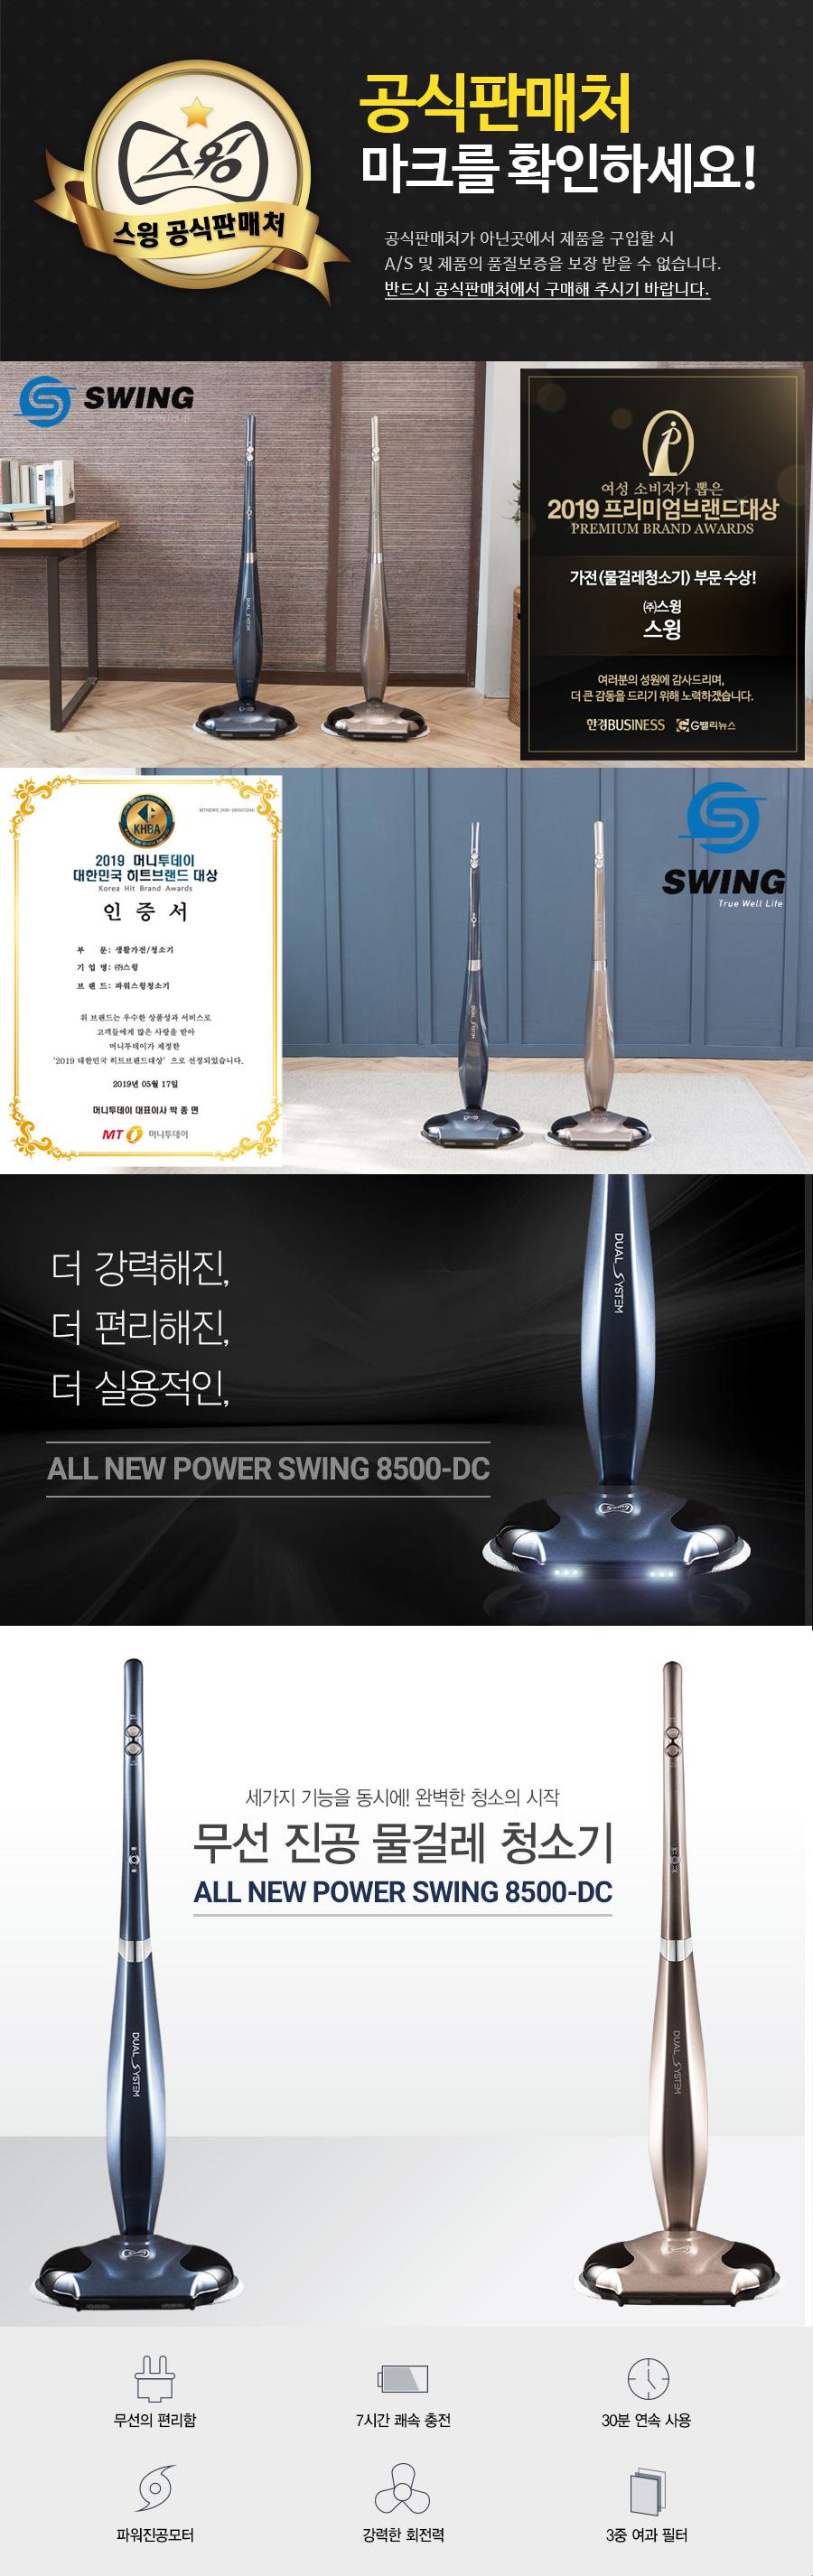 Swing-8500_01.jpg